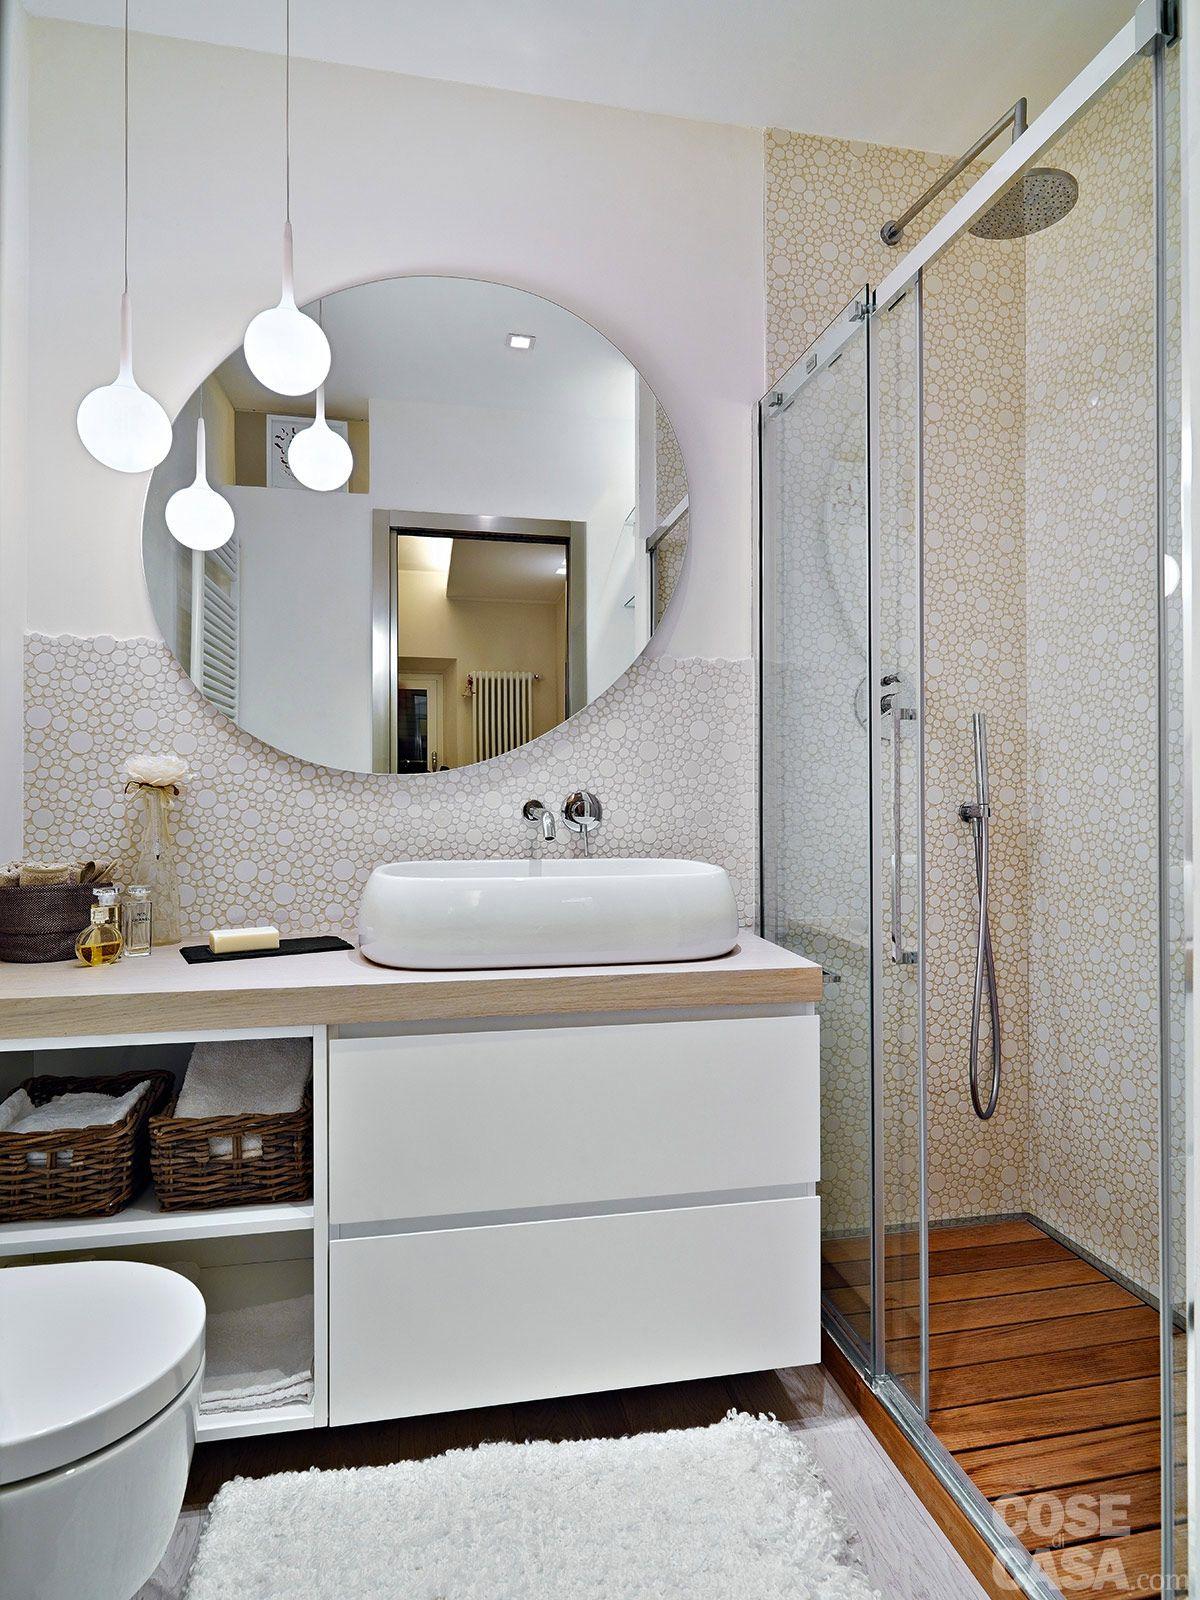 Un intervento di ristrutturazione completo ha rinnovato a più livelli il piccolo appartamento ...